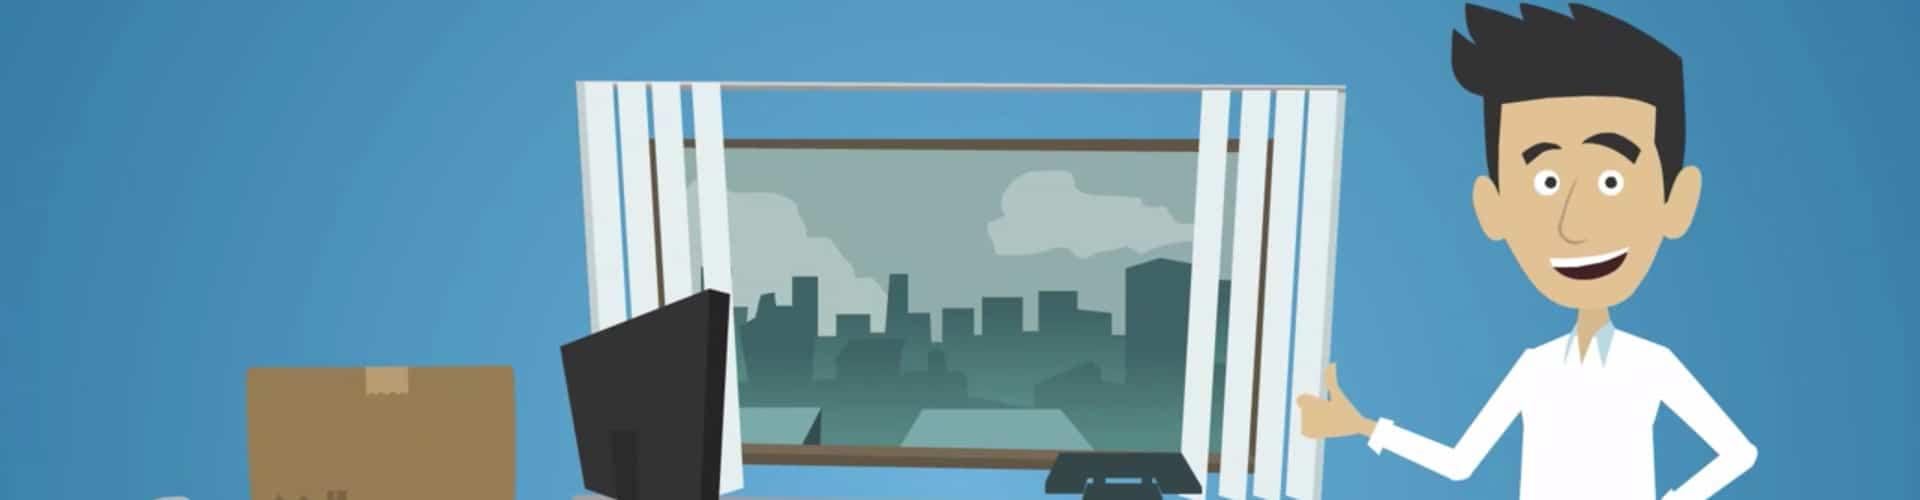 kantoorruimtevinden-video-screenshot